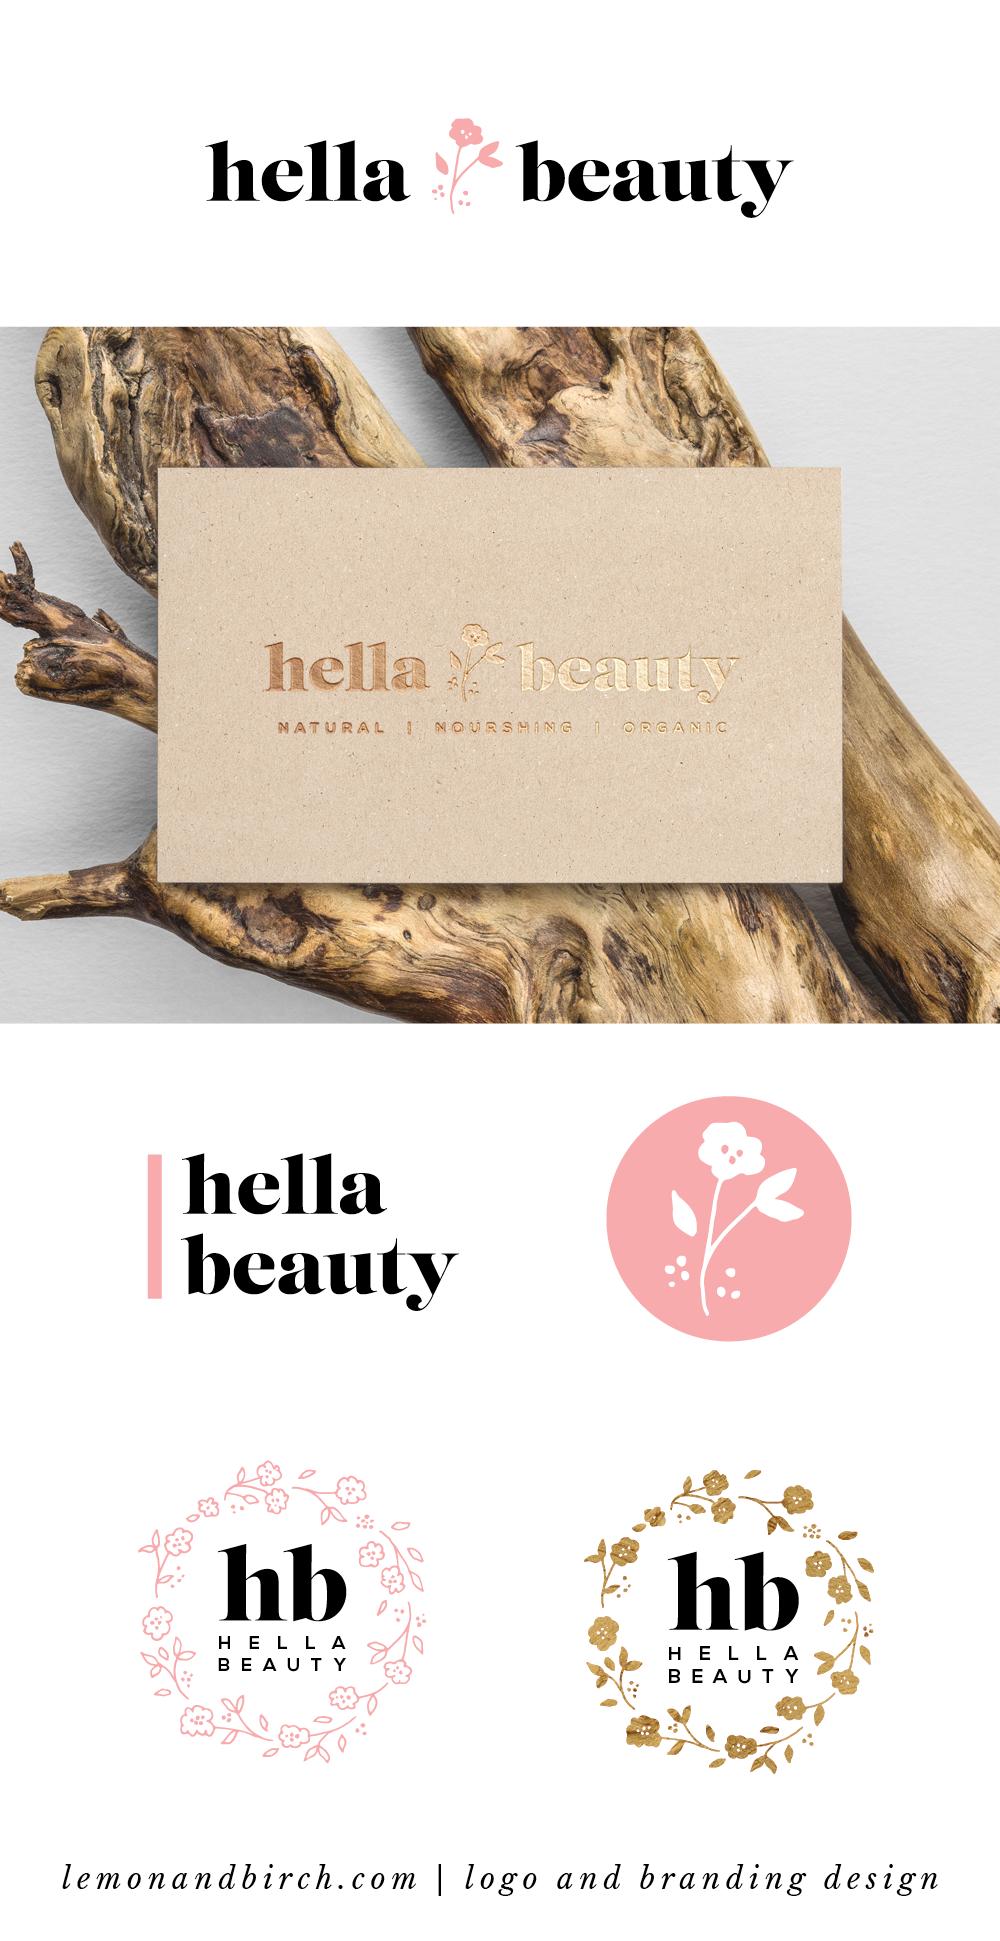 From Top Main Logo Logo In Foil On Business Card Secondary Logo Version Icon For Example For Inst Branding Design Logo Design Feminine Beauty Logo Design